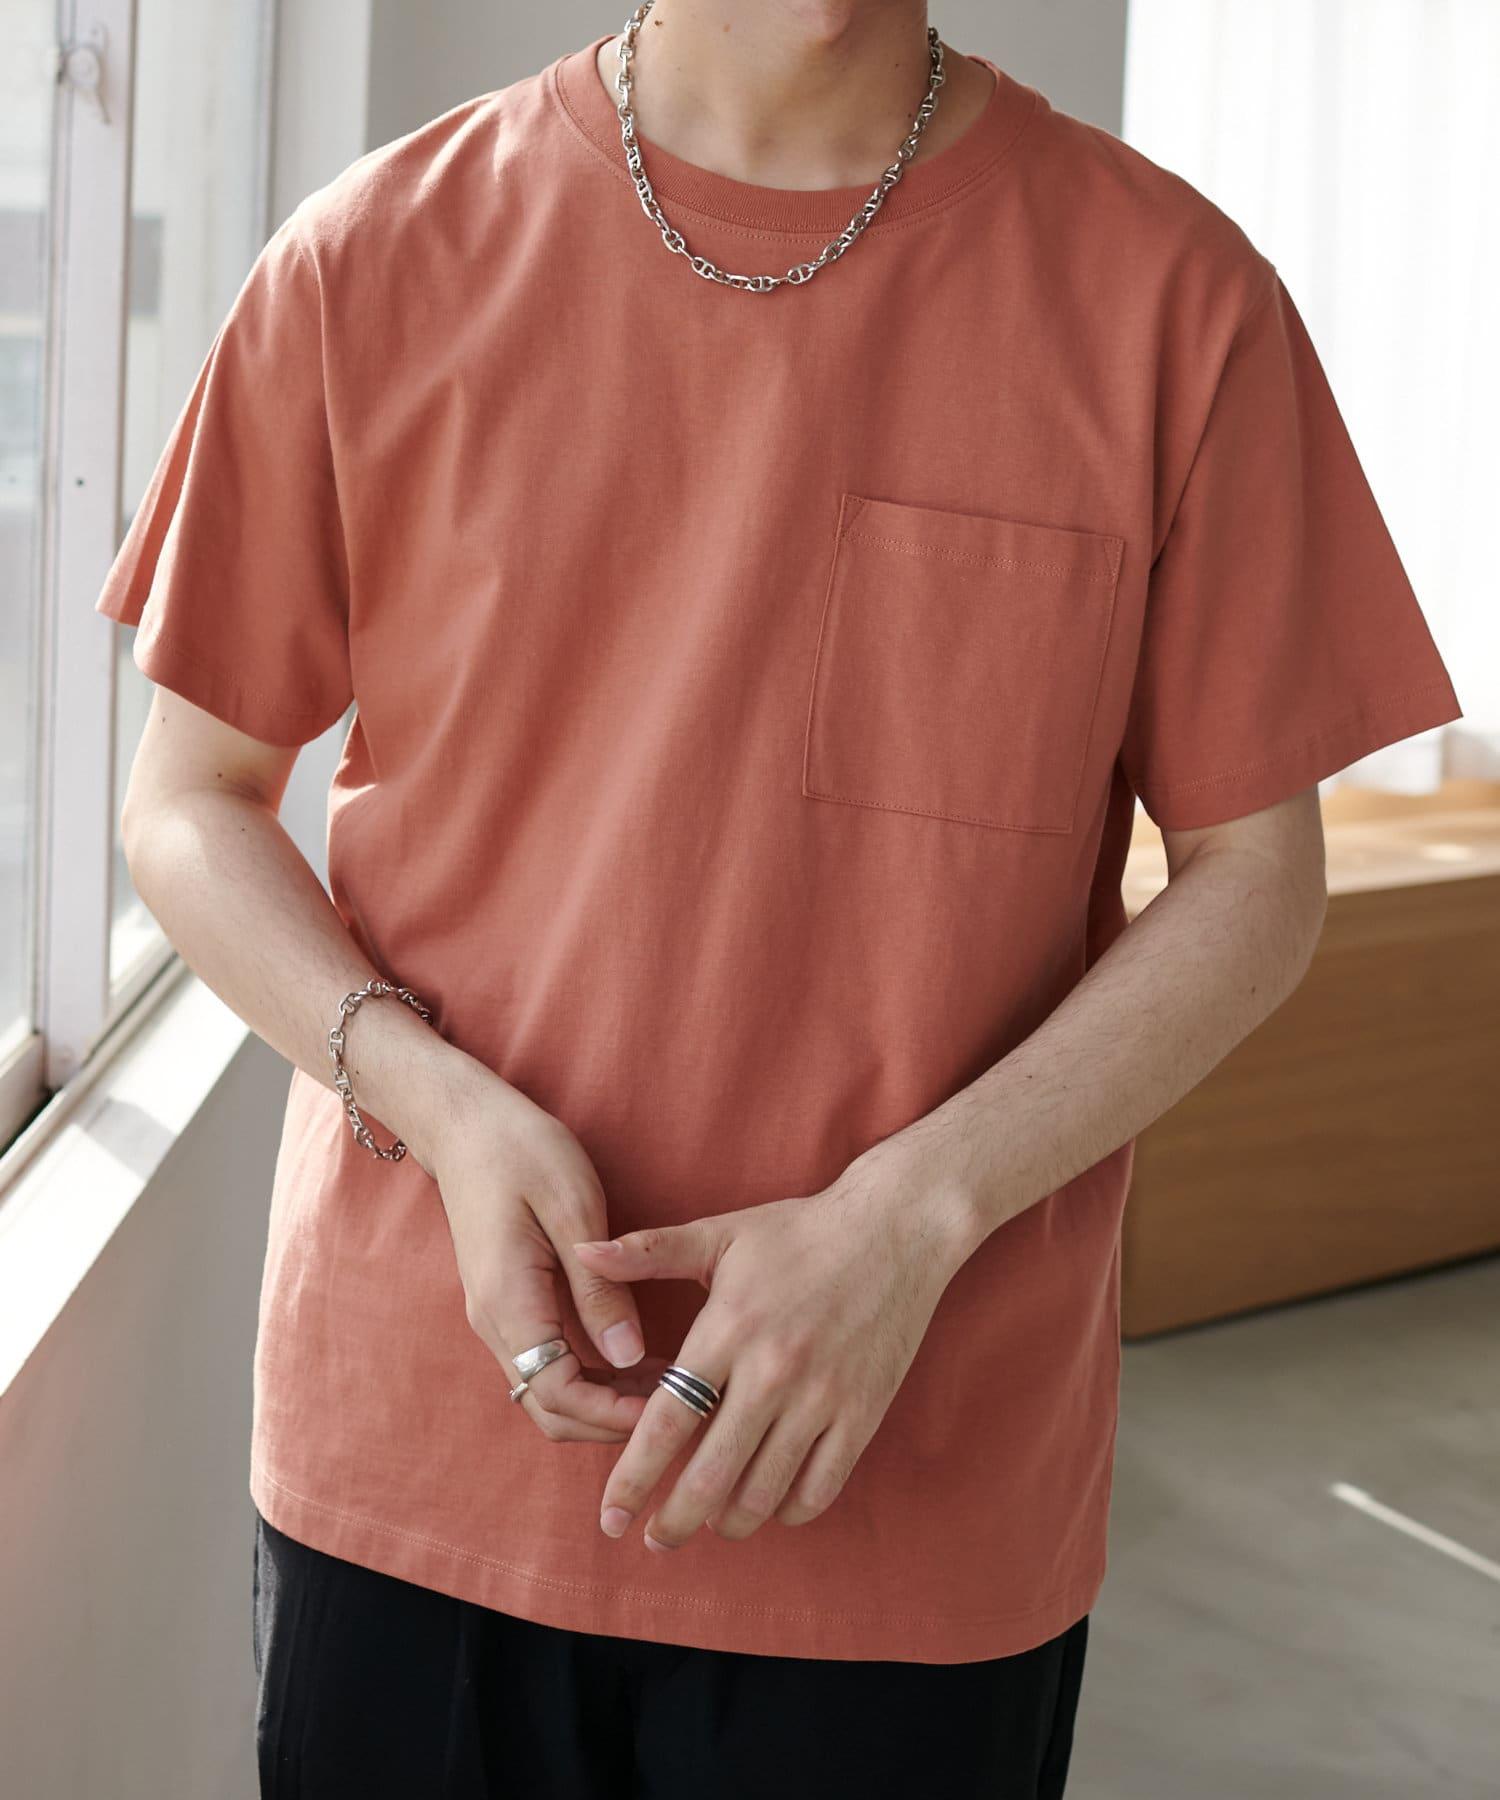 Discoat(ディスコート) メンズ USコットン胸ポケTシャツ オレンジ